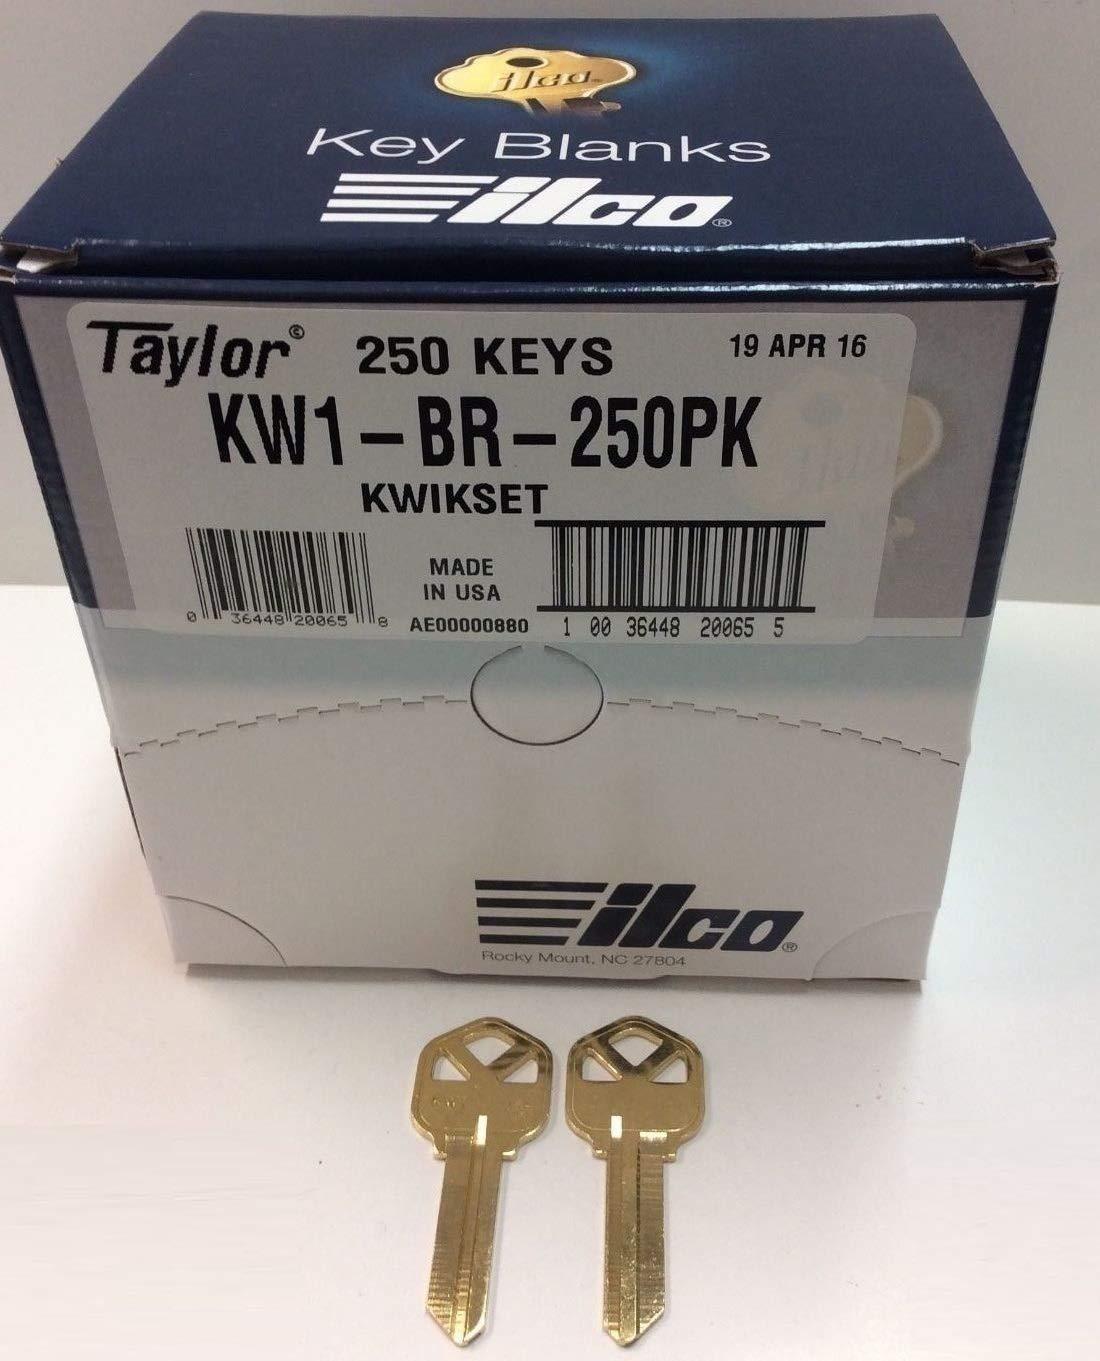 MSPowerstrange 250 Key Blanks KW1-BR-250BK for Locksmith / 250 Kwikset KW1 / Brass/Made by Ilco